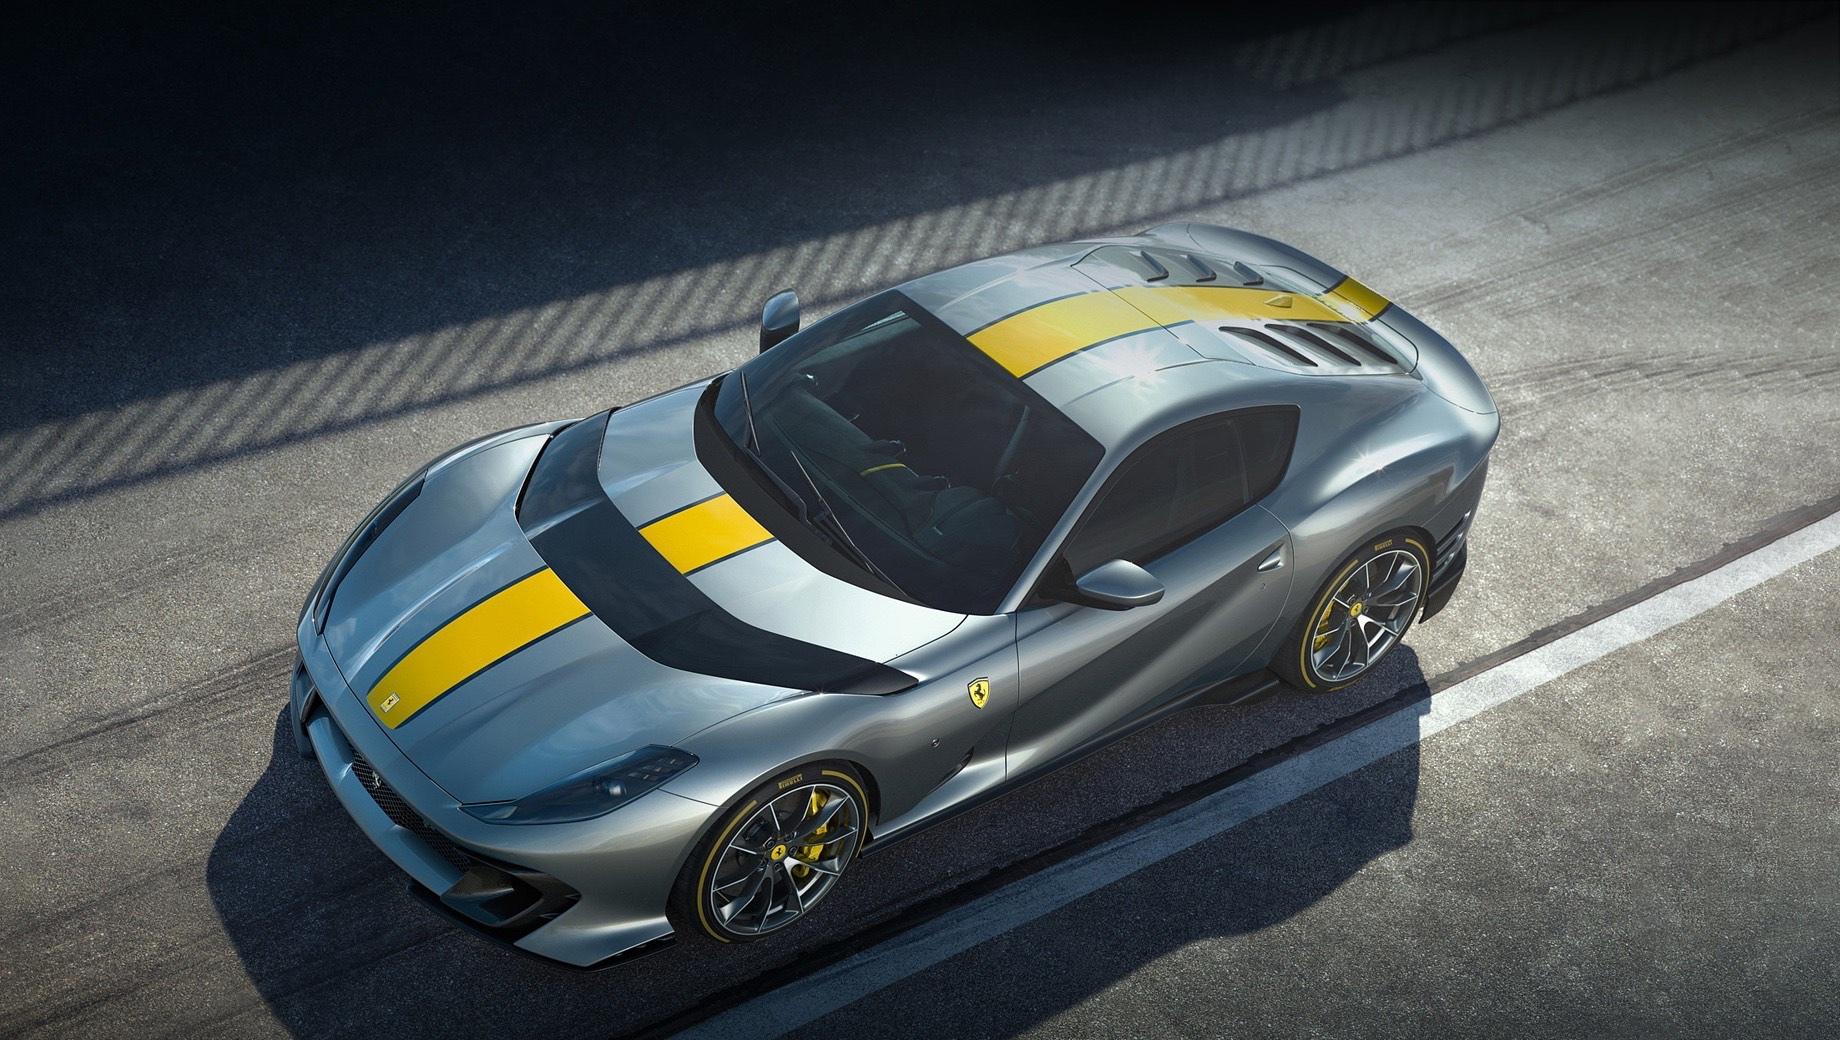 Спецверсия Ferrari 812 Superfast удостоится собственного имени